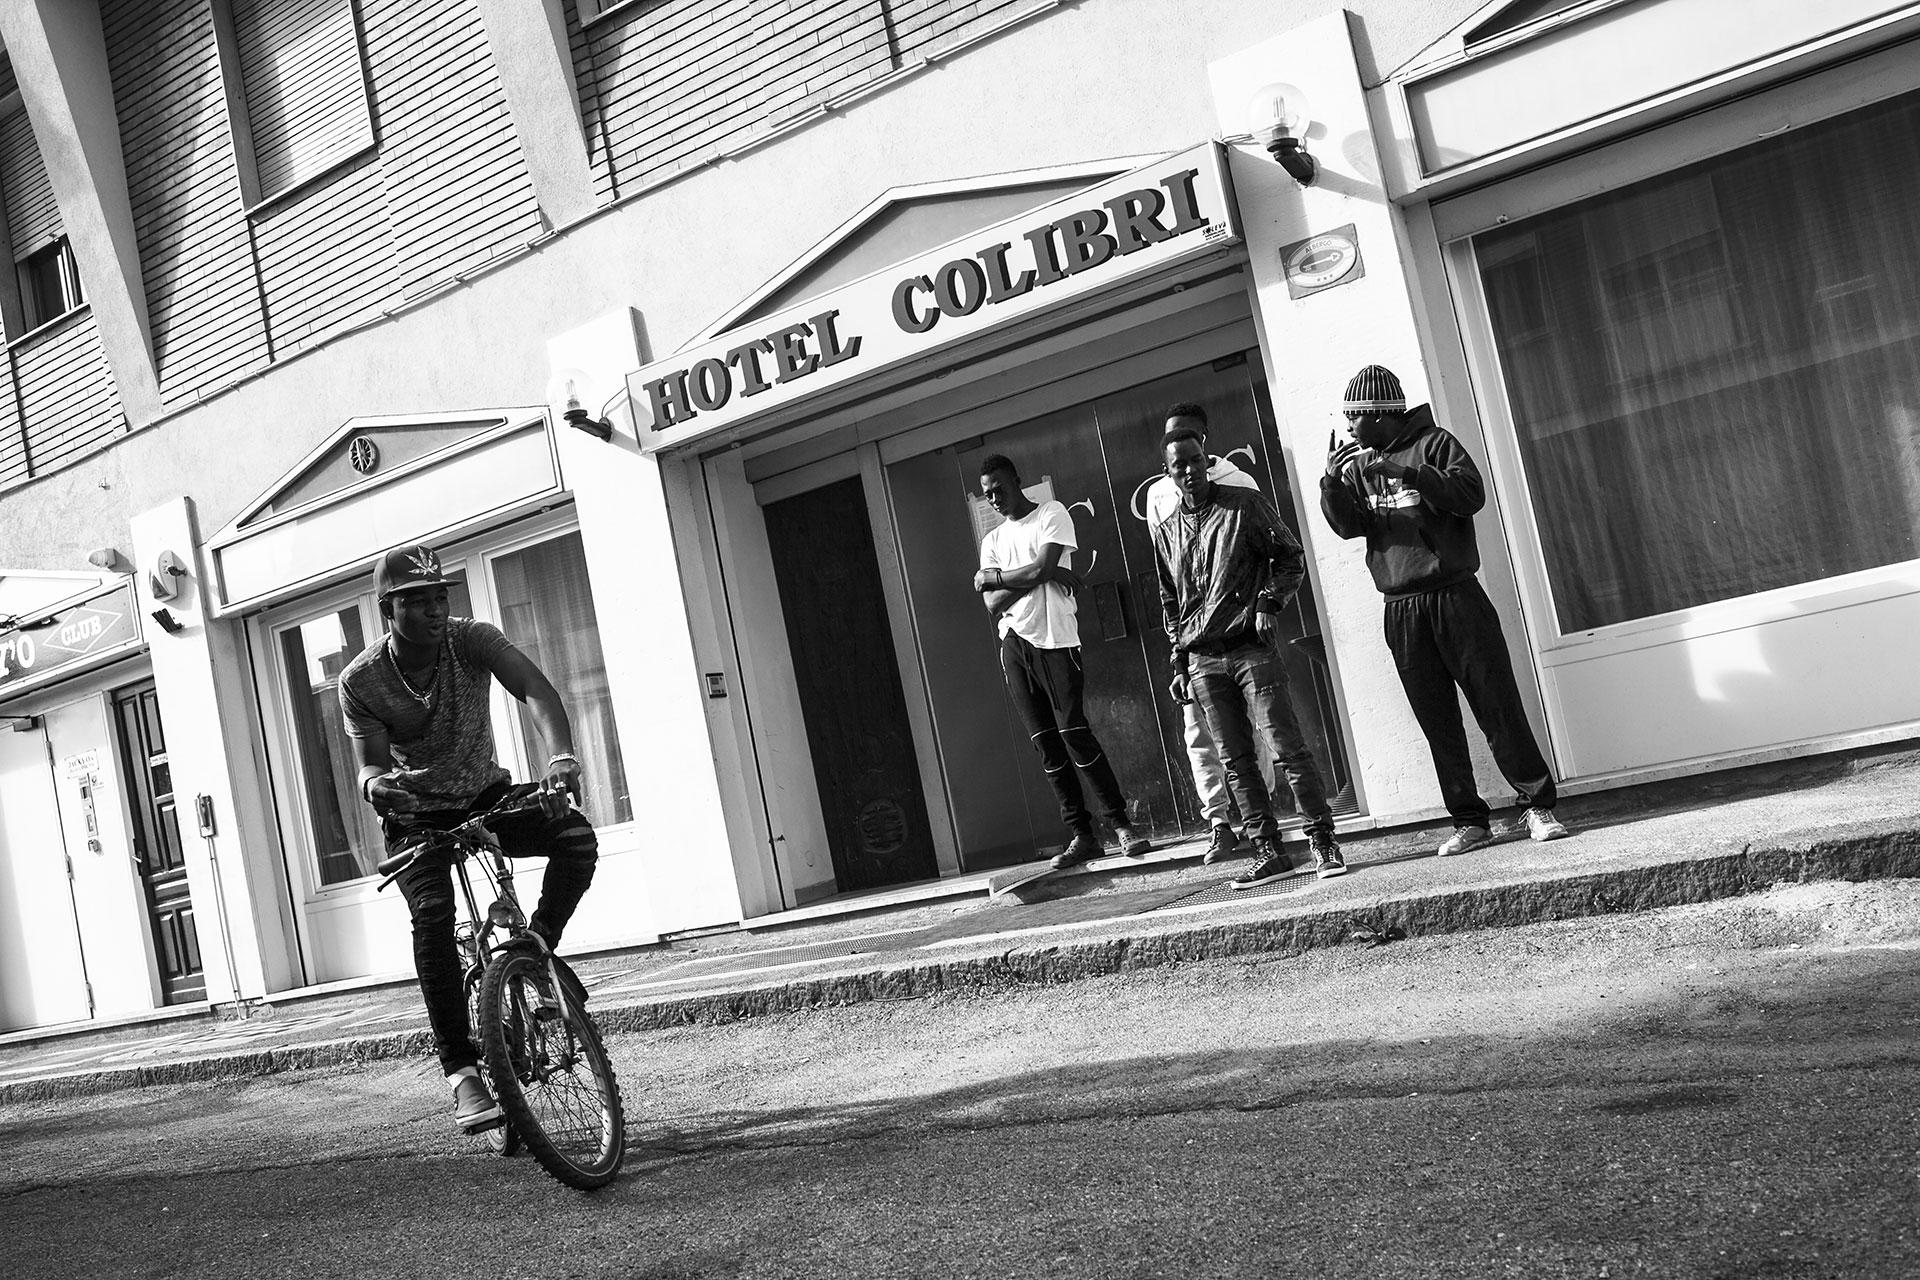 Entrada al Hotel Colibri, que tras permanecer cerrado durante más de 10 años, reabrió convertido en un centro de recepción temporal de migrantes, donde vive Malick actualmente. Todos los residentes actuales proceden de países del África subsahariana. Pueden permanecer allí durante el proceso de asilo.